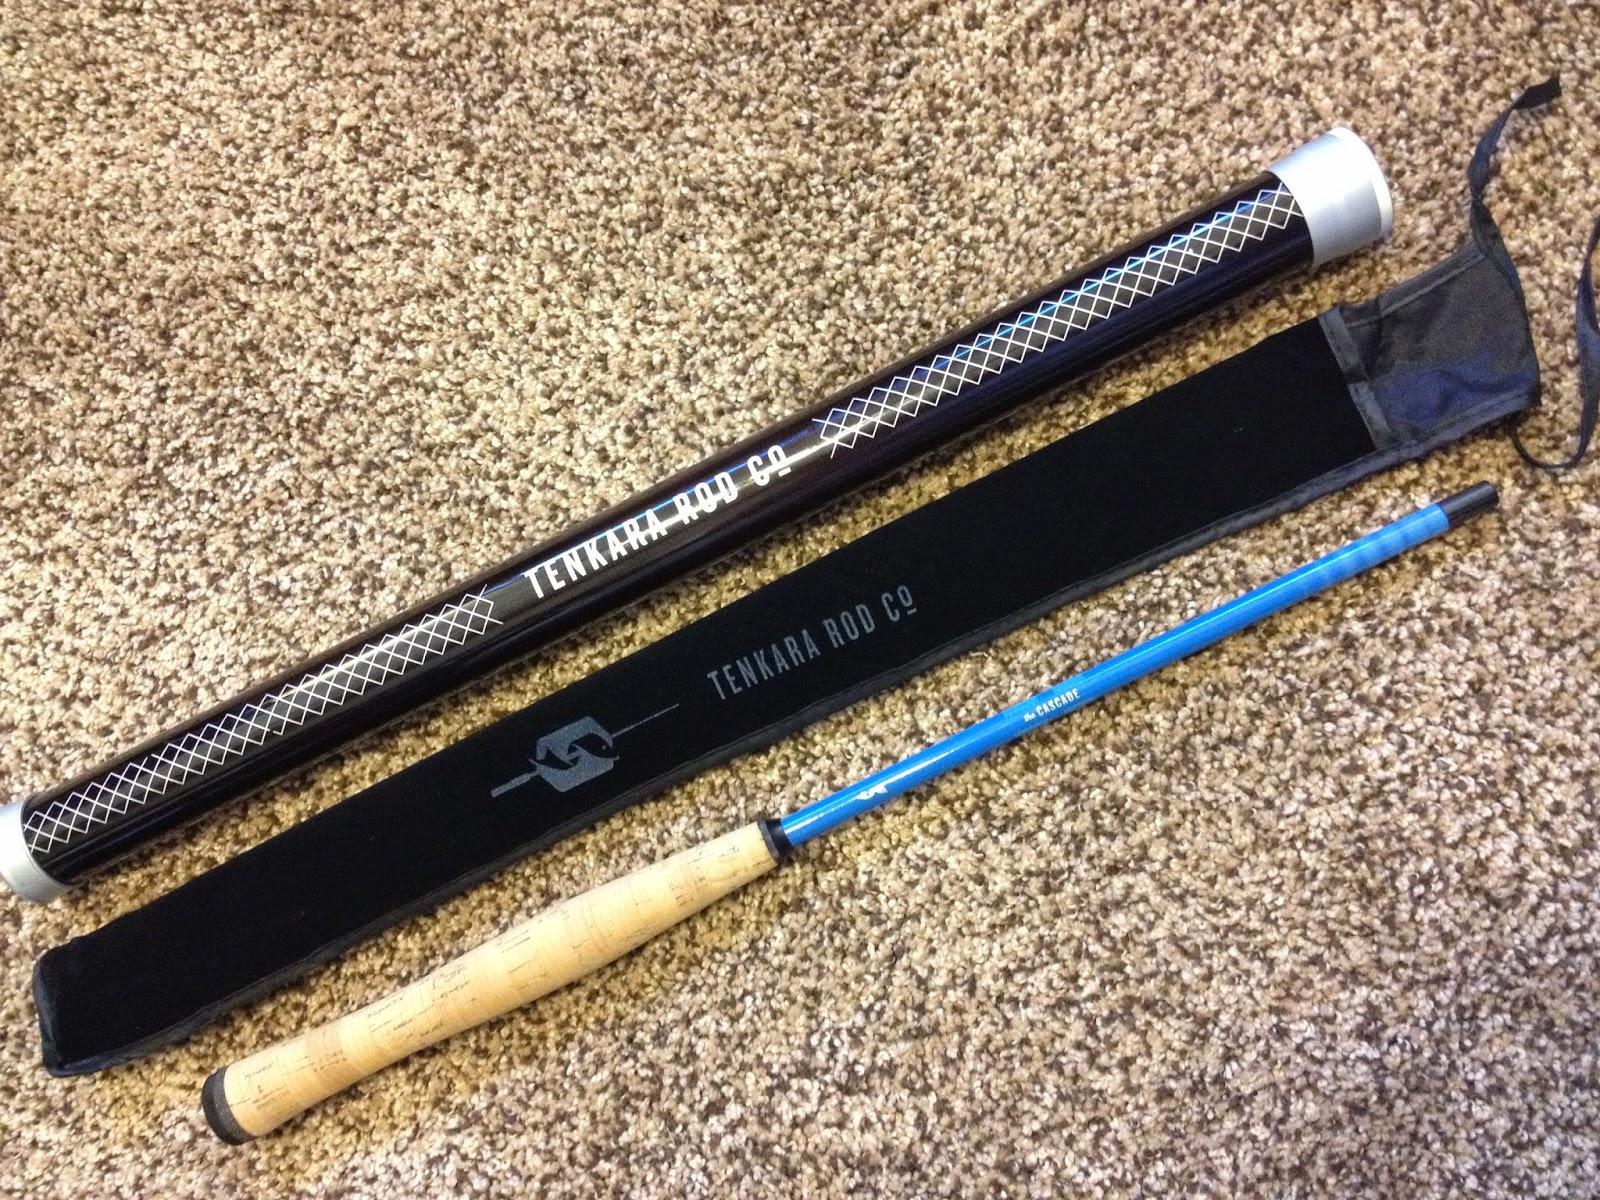 Teton tenkara tenkara rod co cascade rod review for Tenkara fishing rods